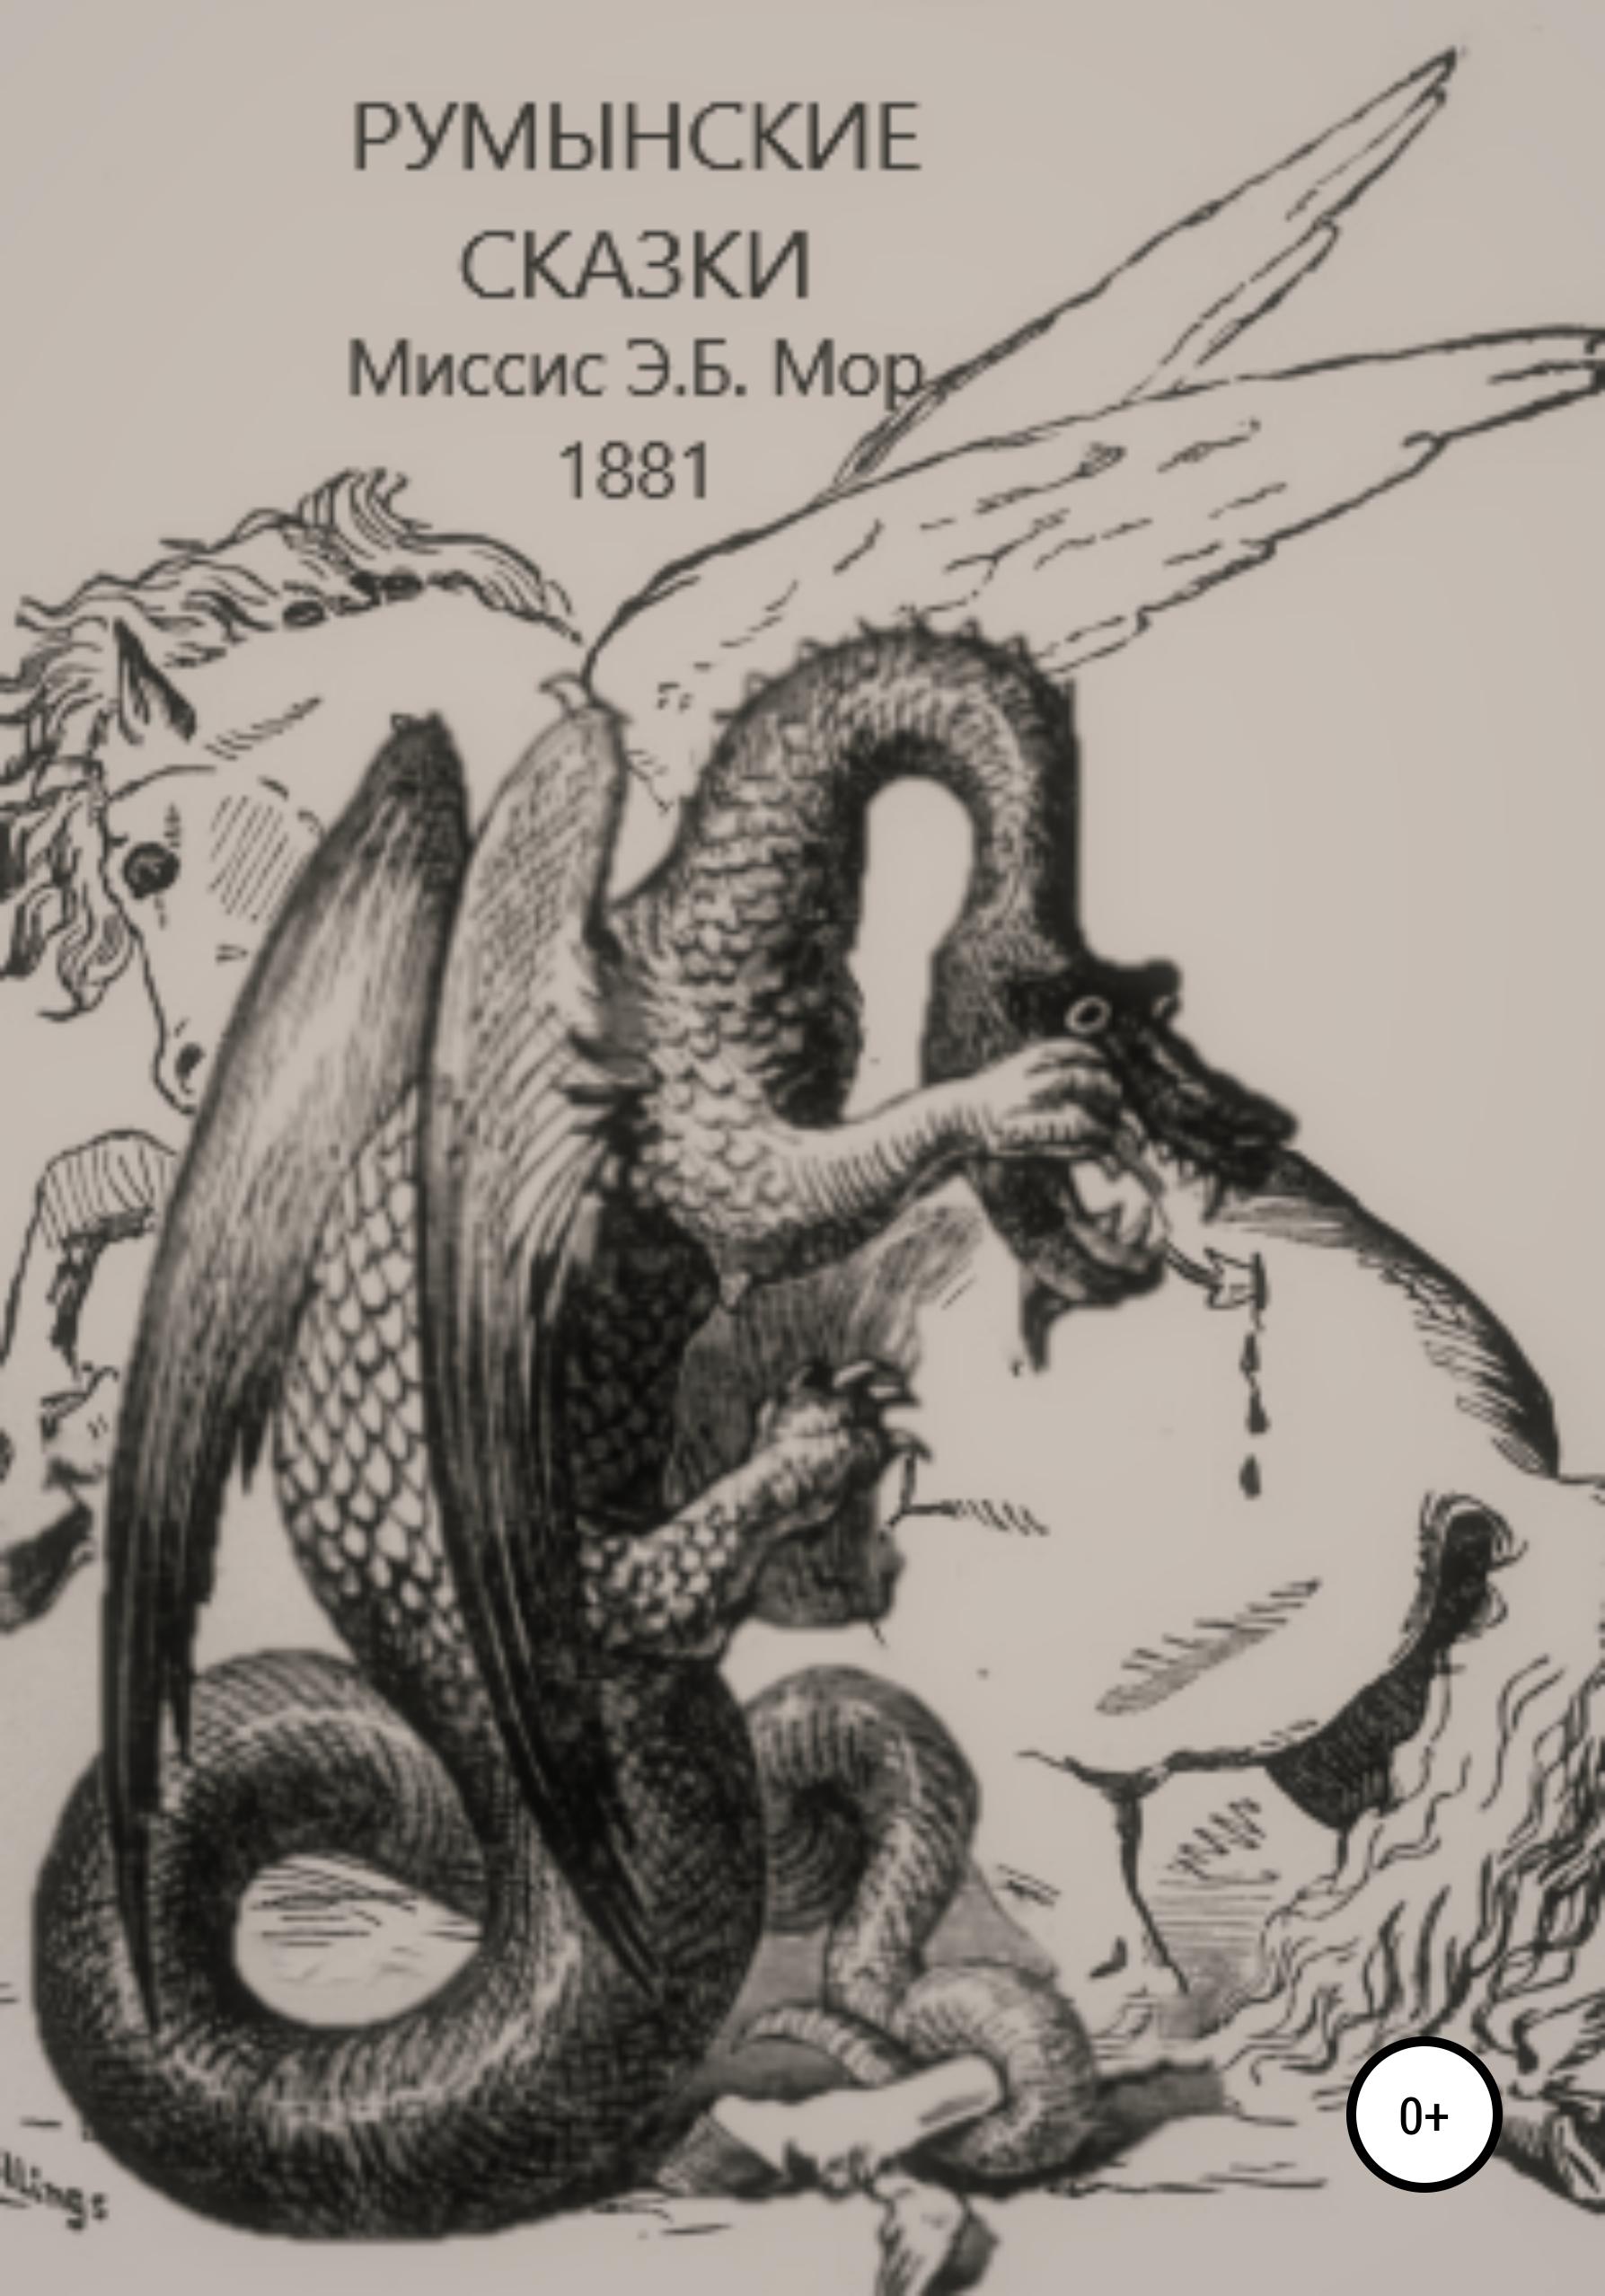 Купить книгу Румынские сказки и легенды, автора